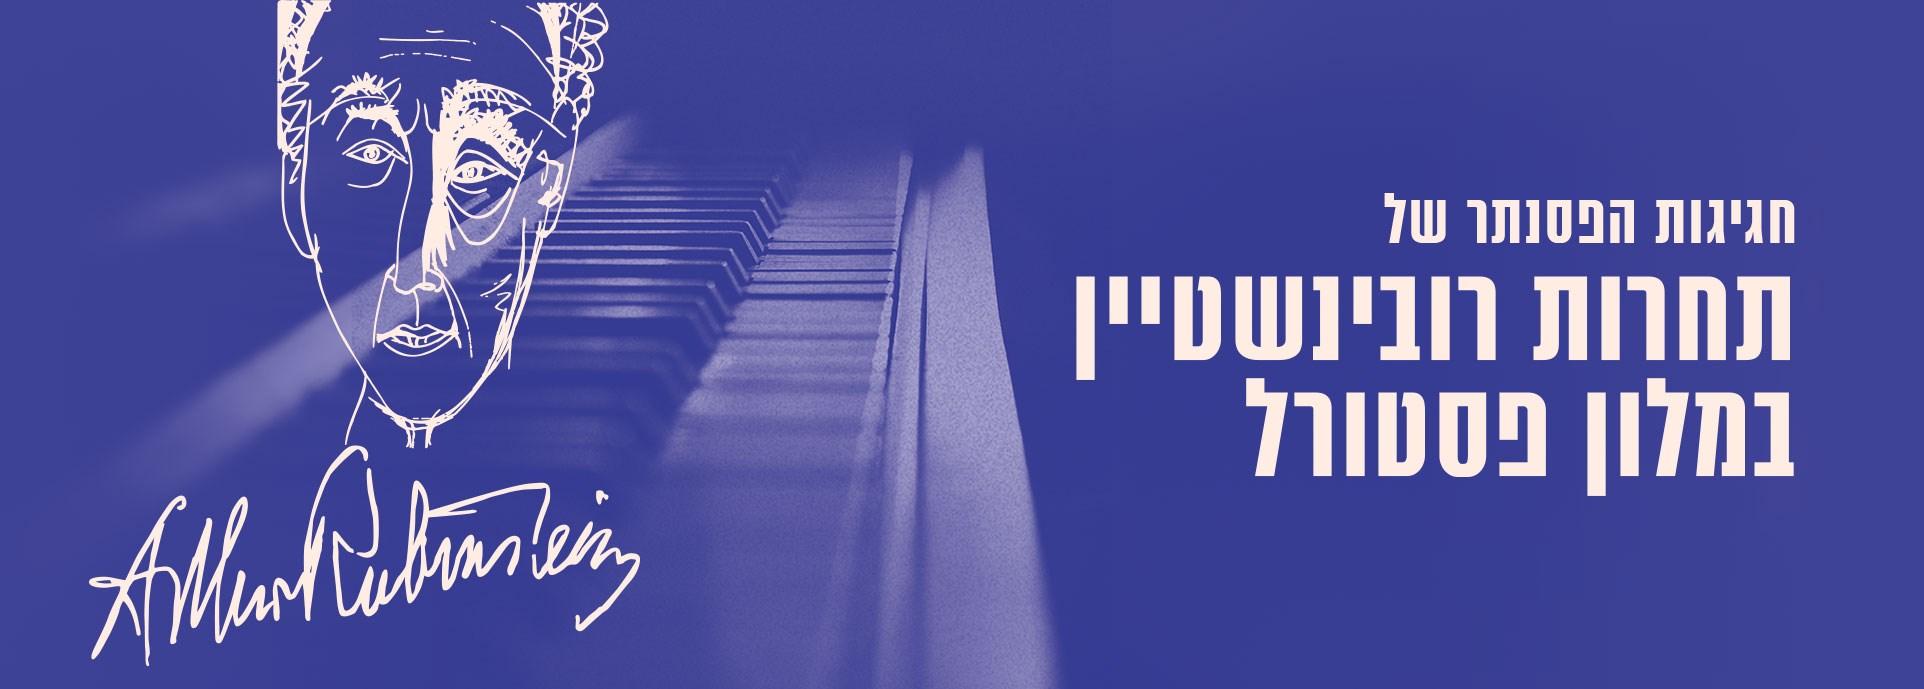 חגיגות הפסנתר במלון פסטורל